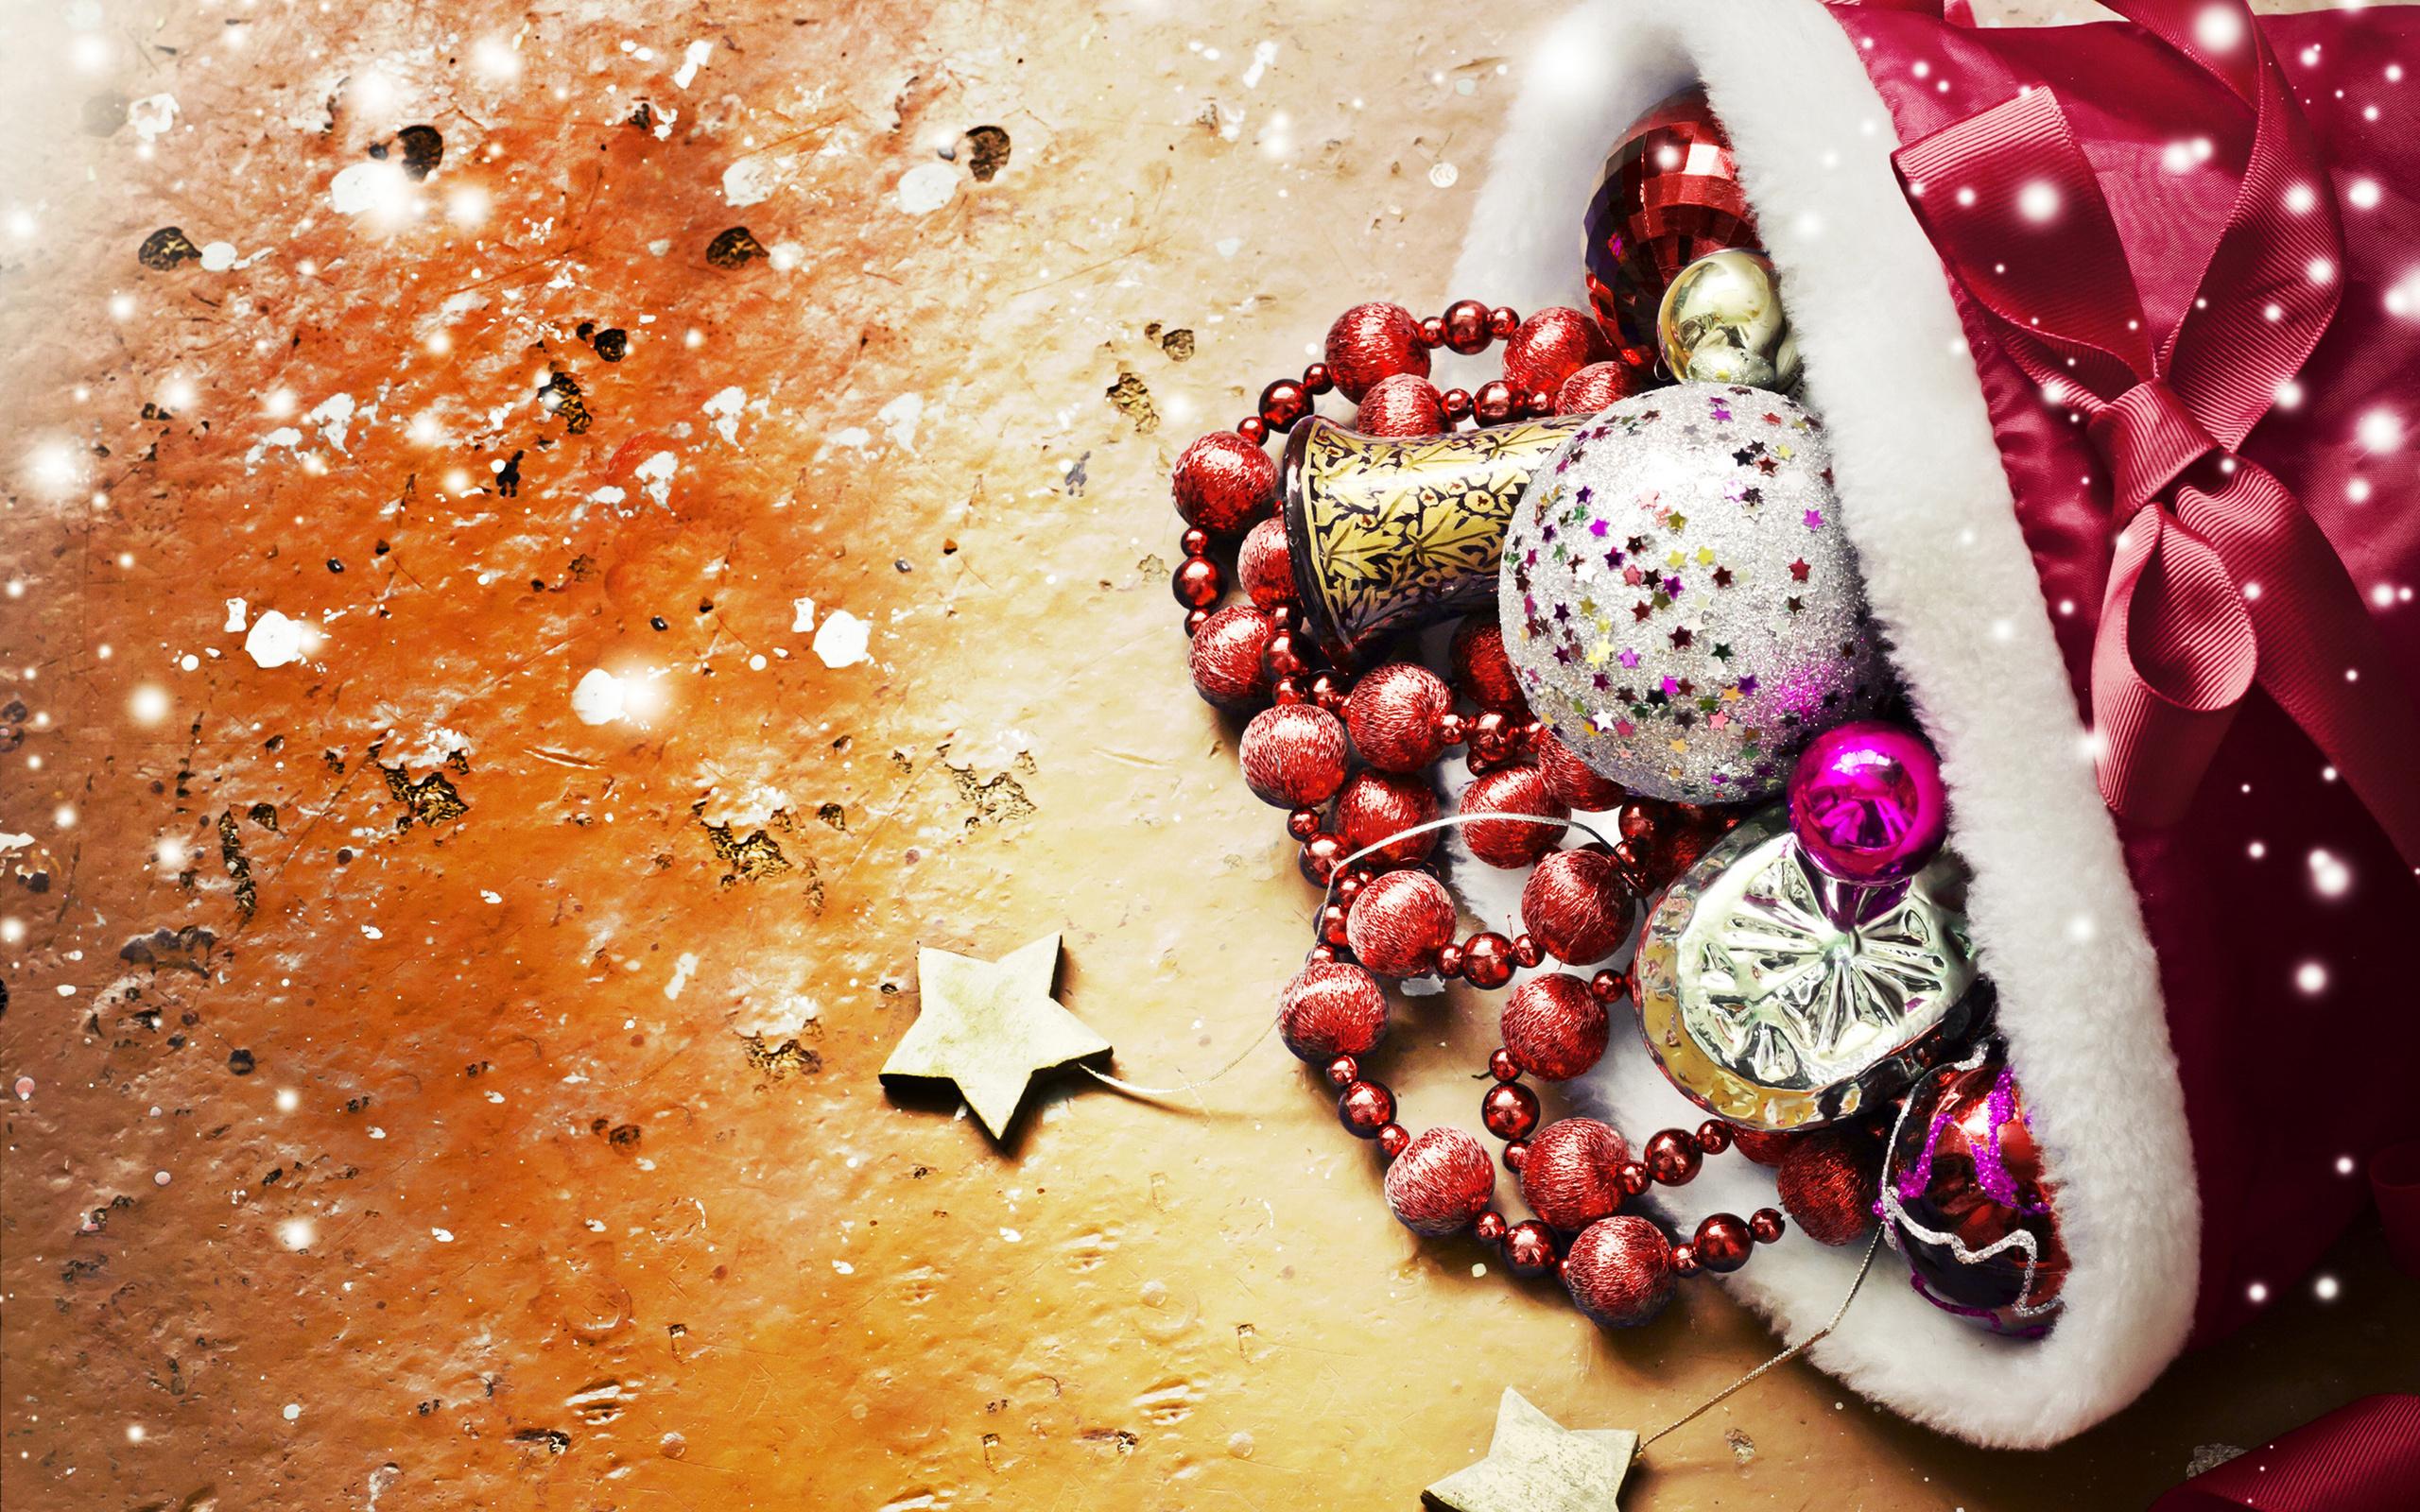 Картинки на рабочий стол новогодние открытки, добрым утром среды